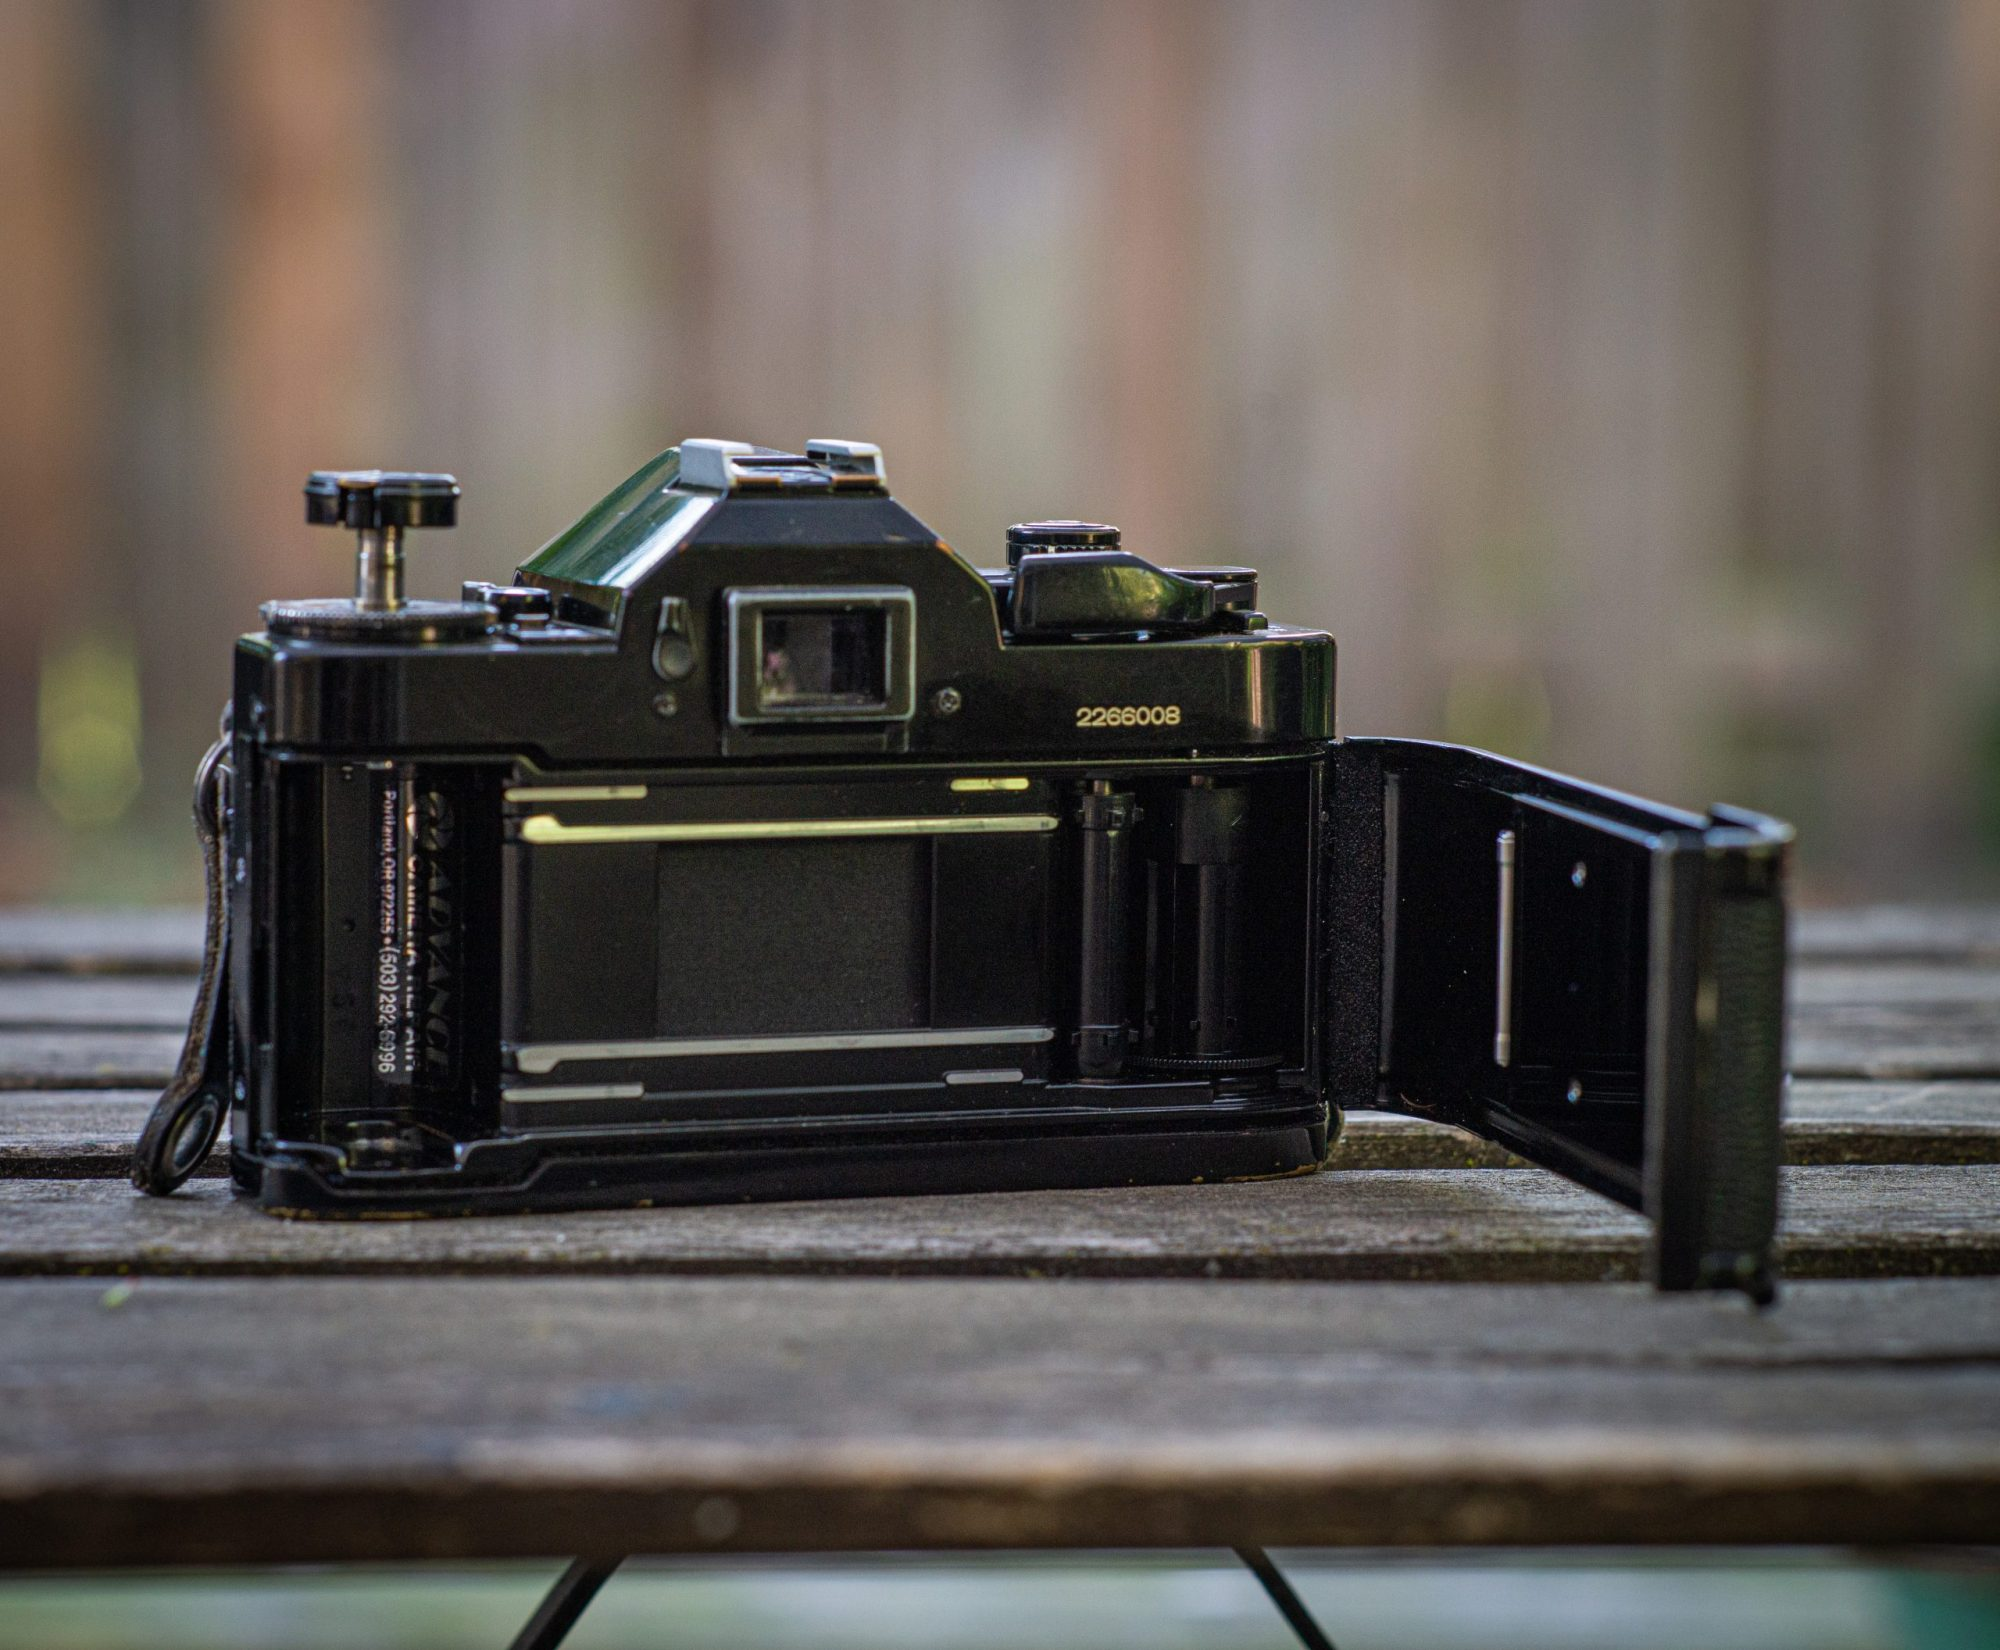 Canon A-1 film door open